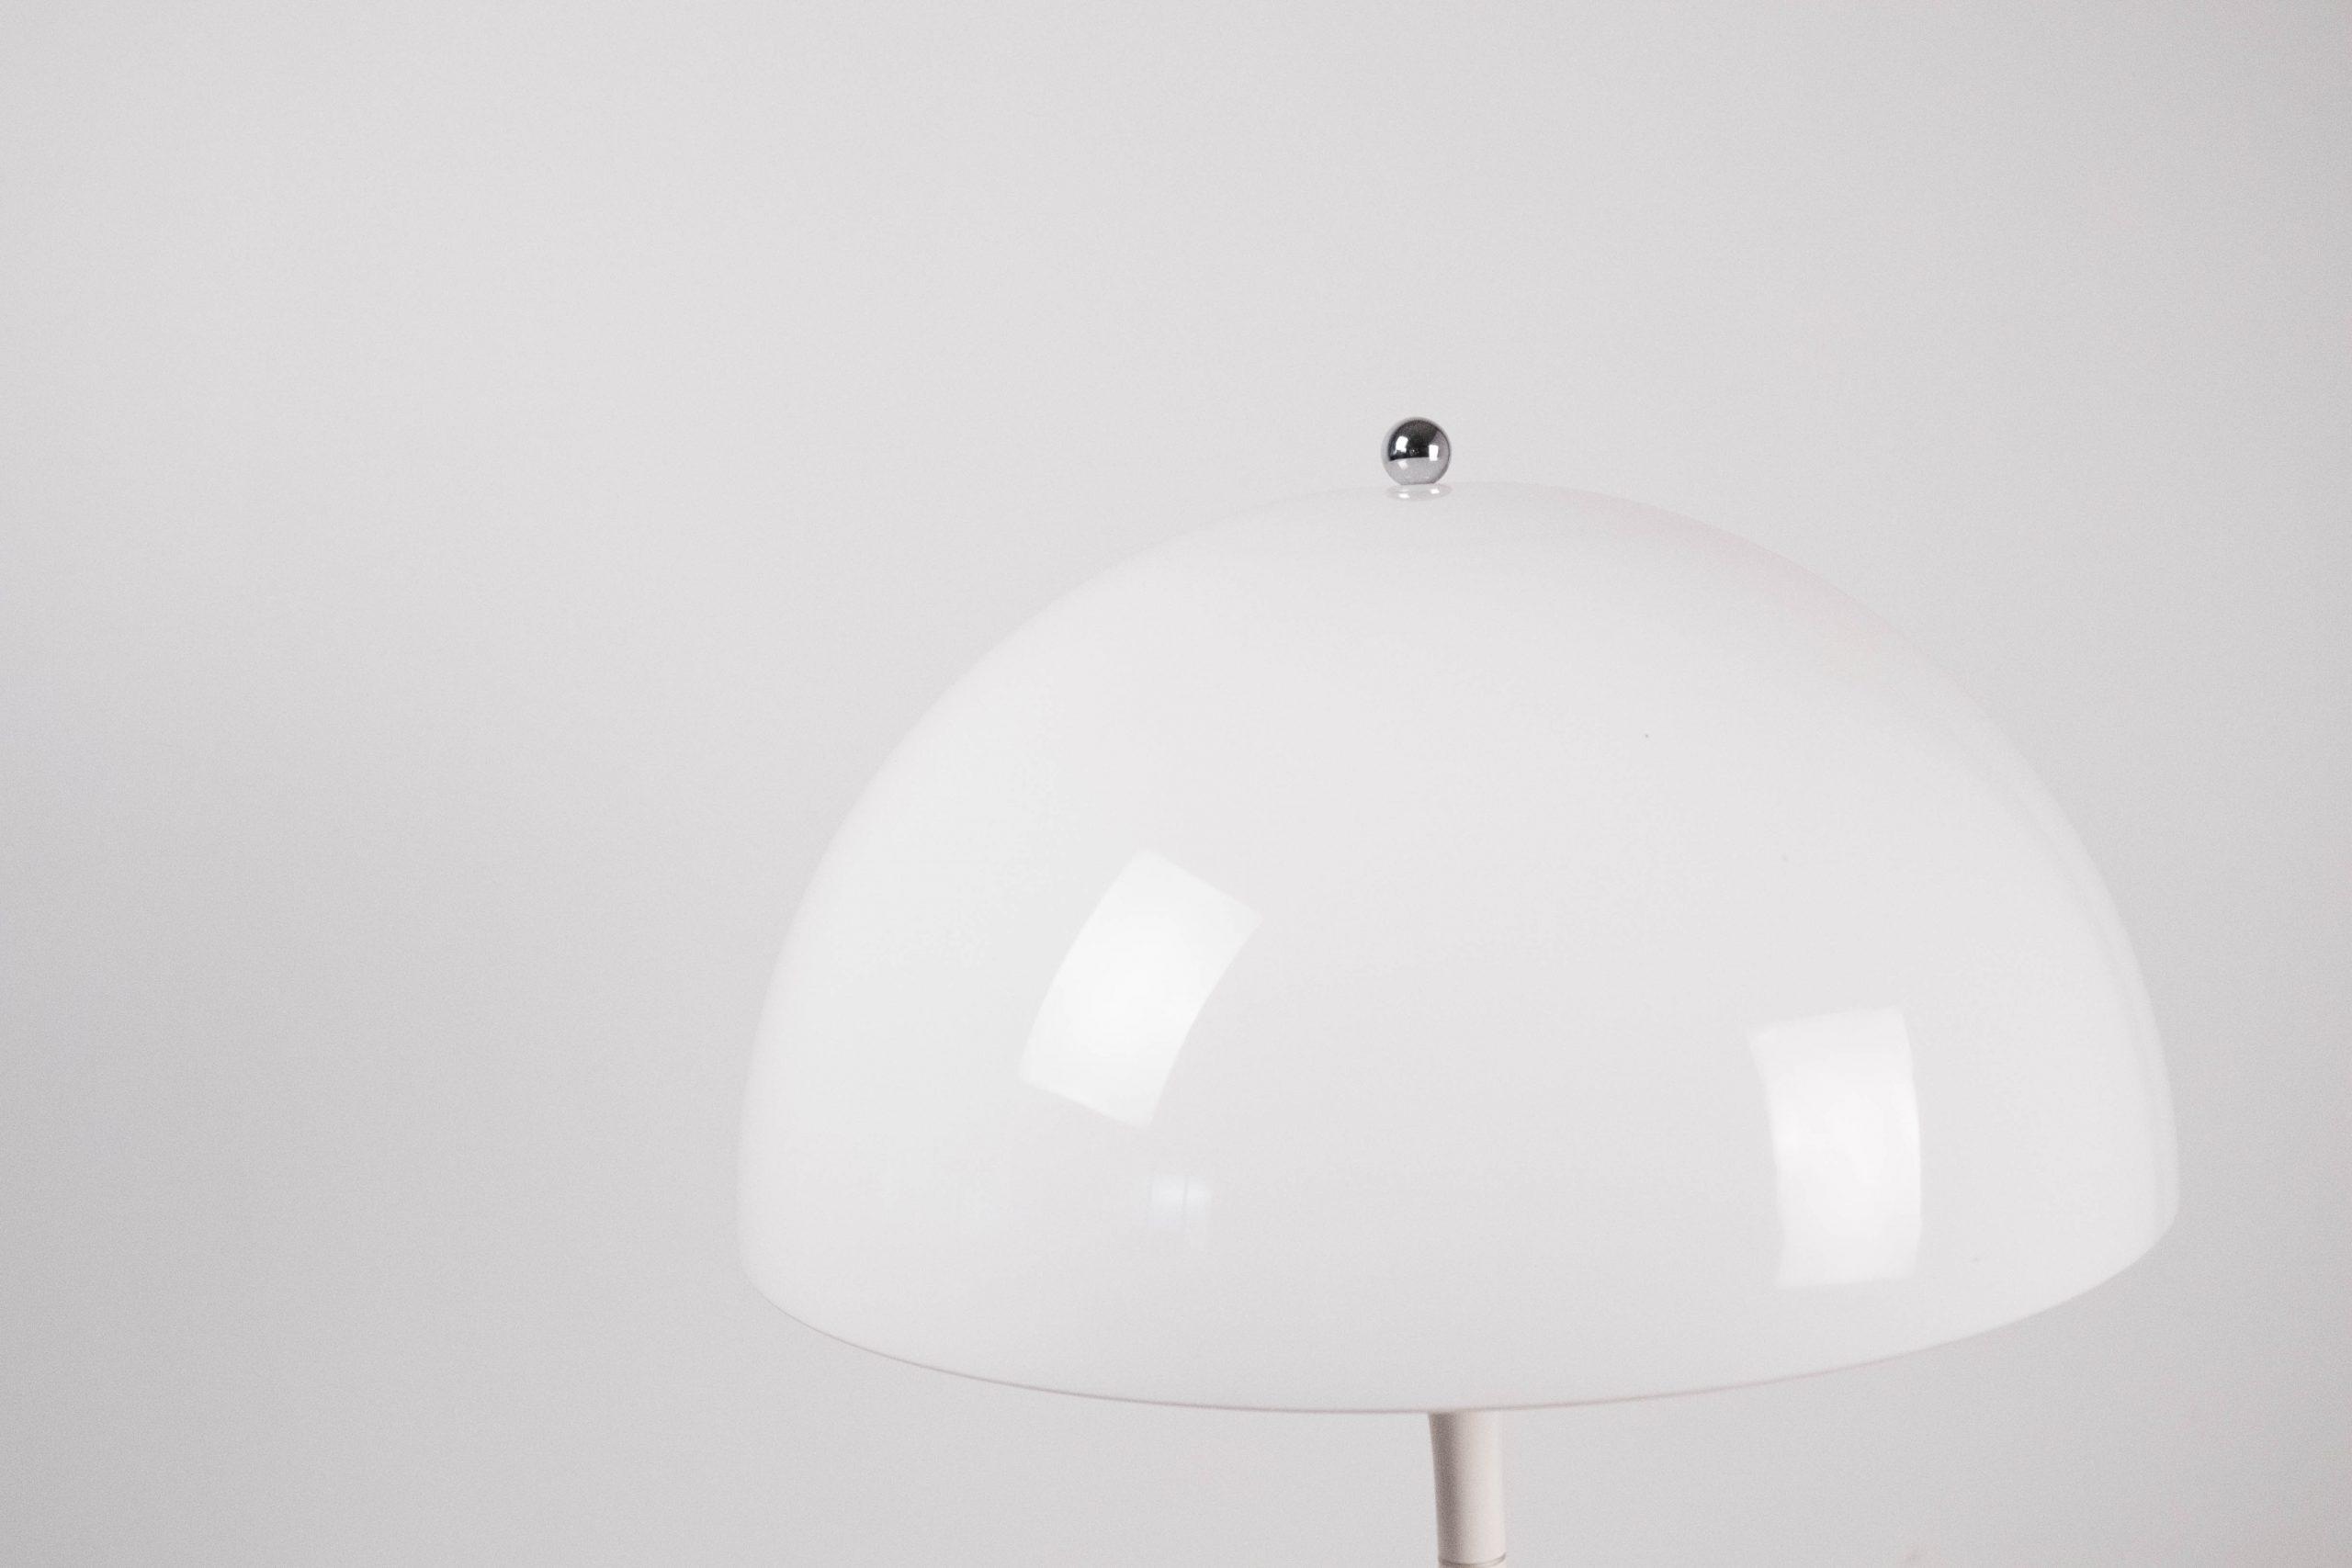 lampara retro vintage blanca panthella fabricada en plastico resistente en italia